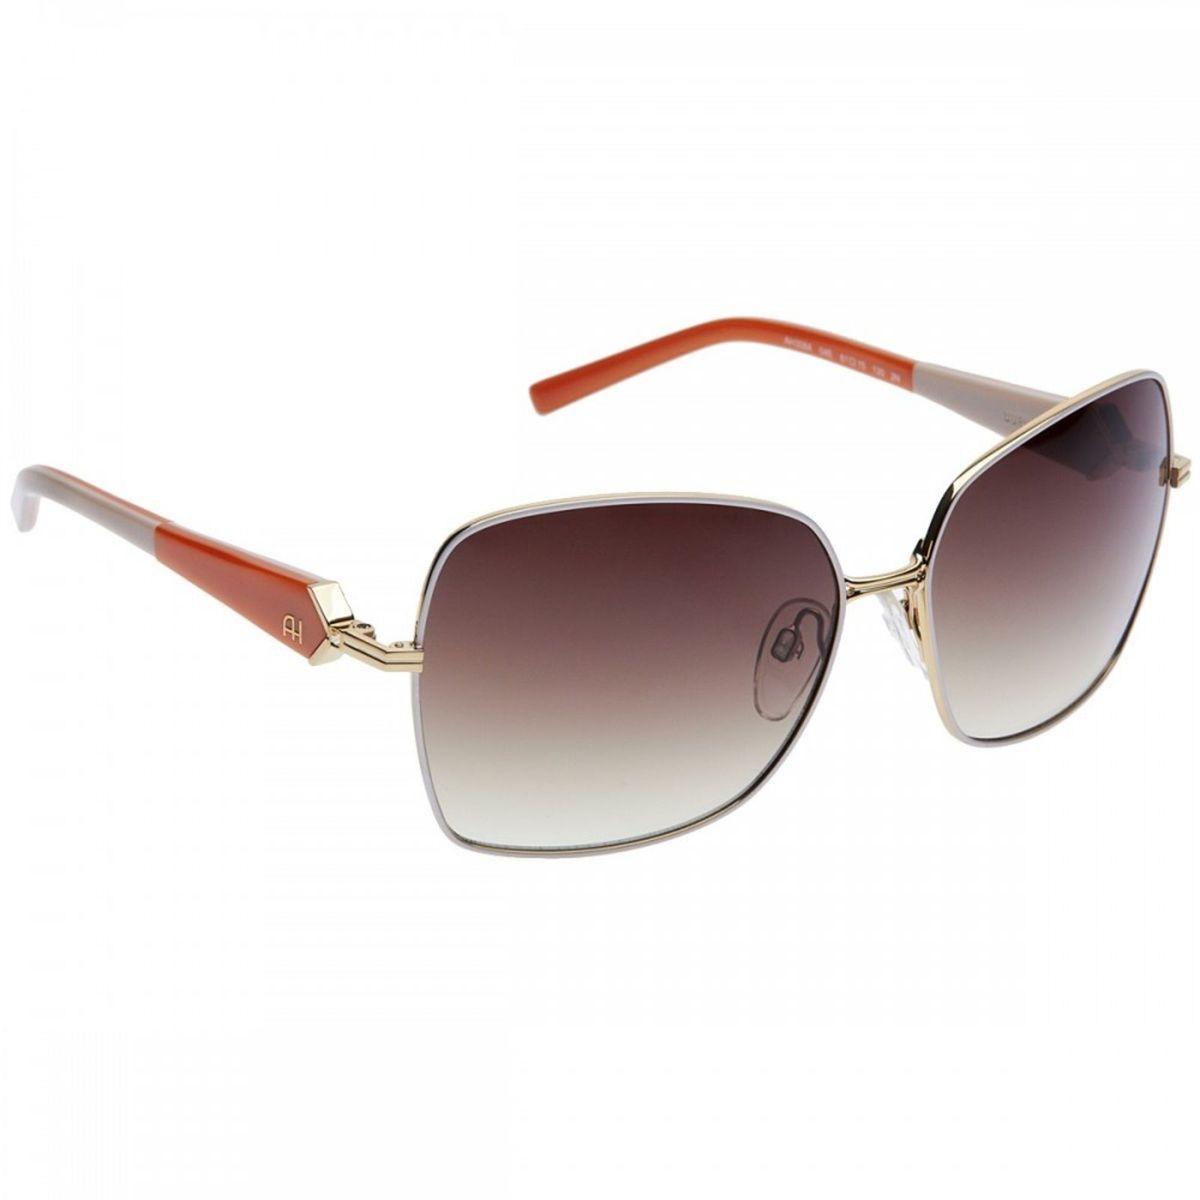 Ana Hickmann - Oculos de Sol   Óculos Feminino Ana Hickmann Usado ... 33cc55397e